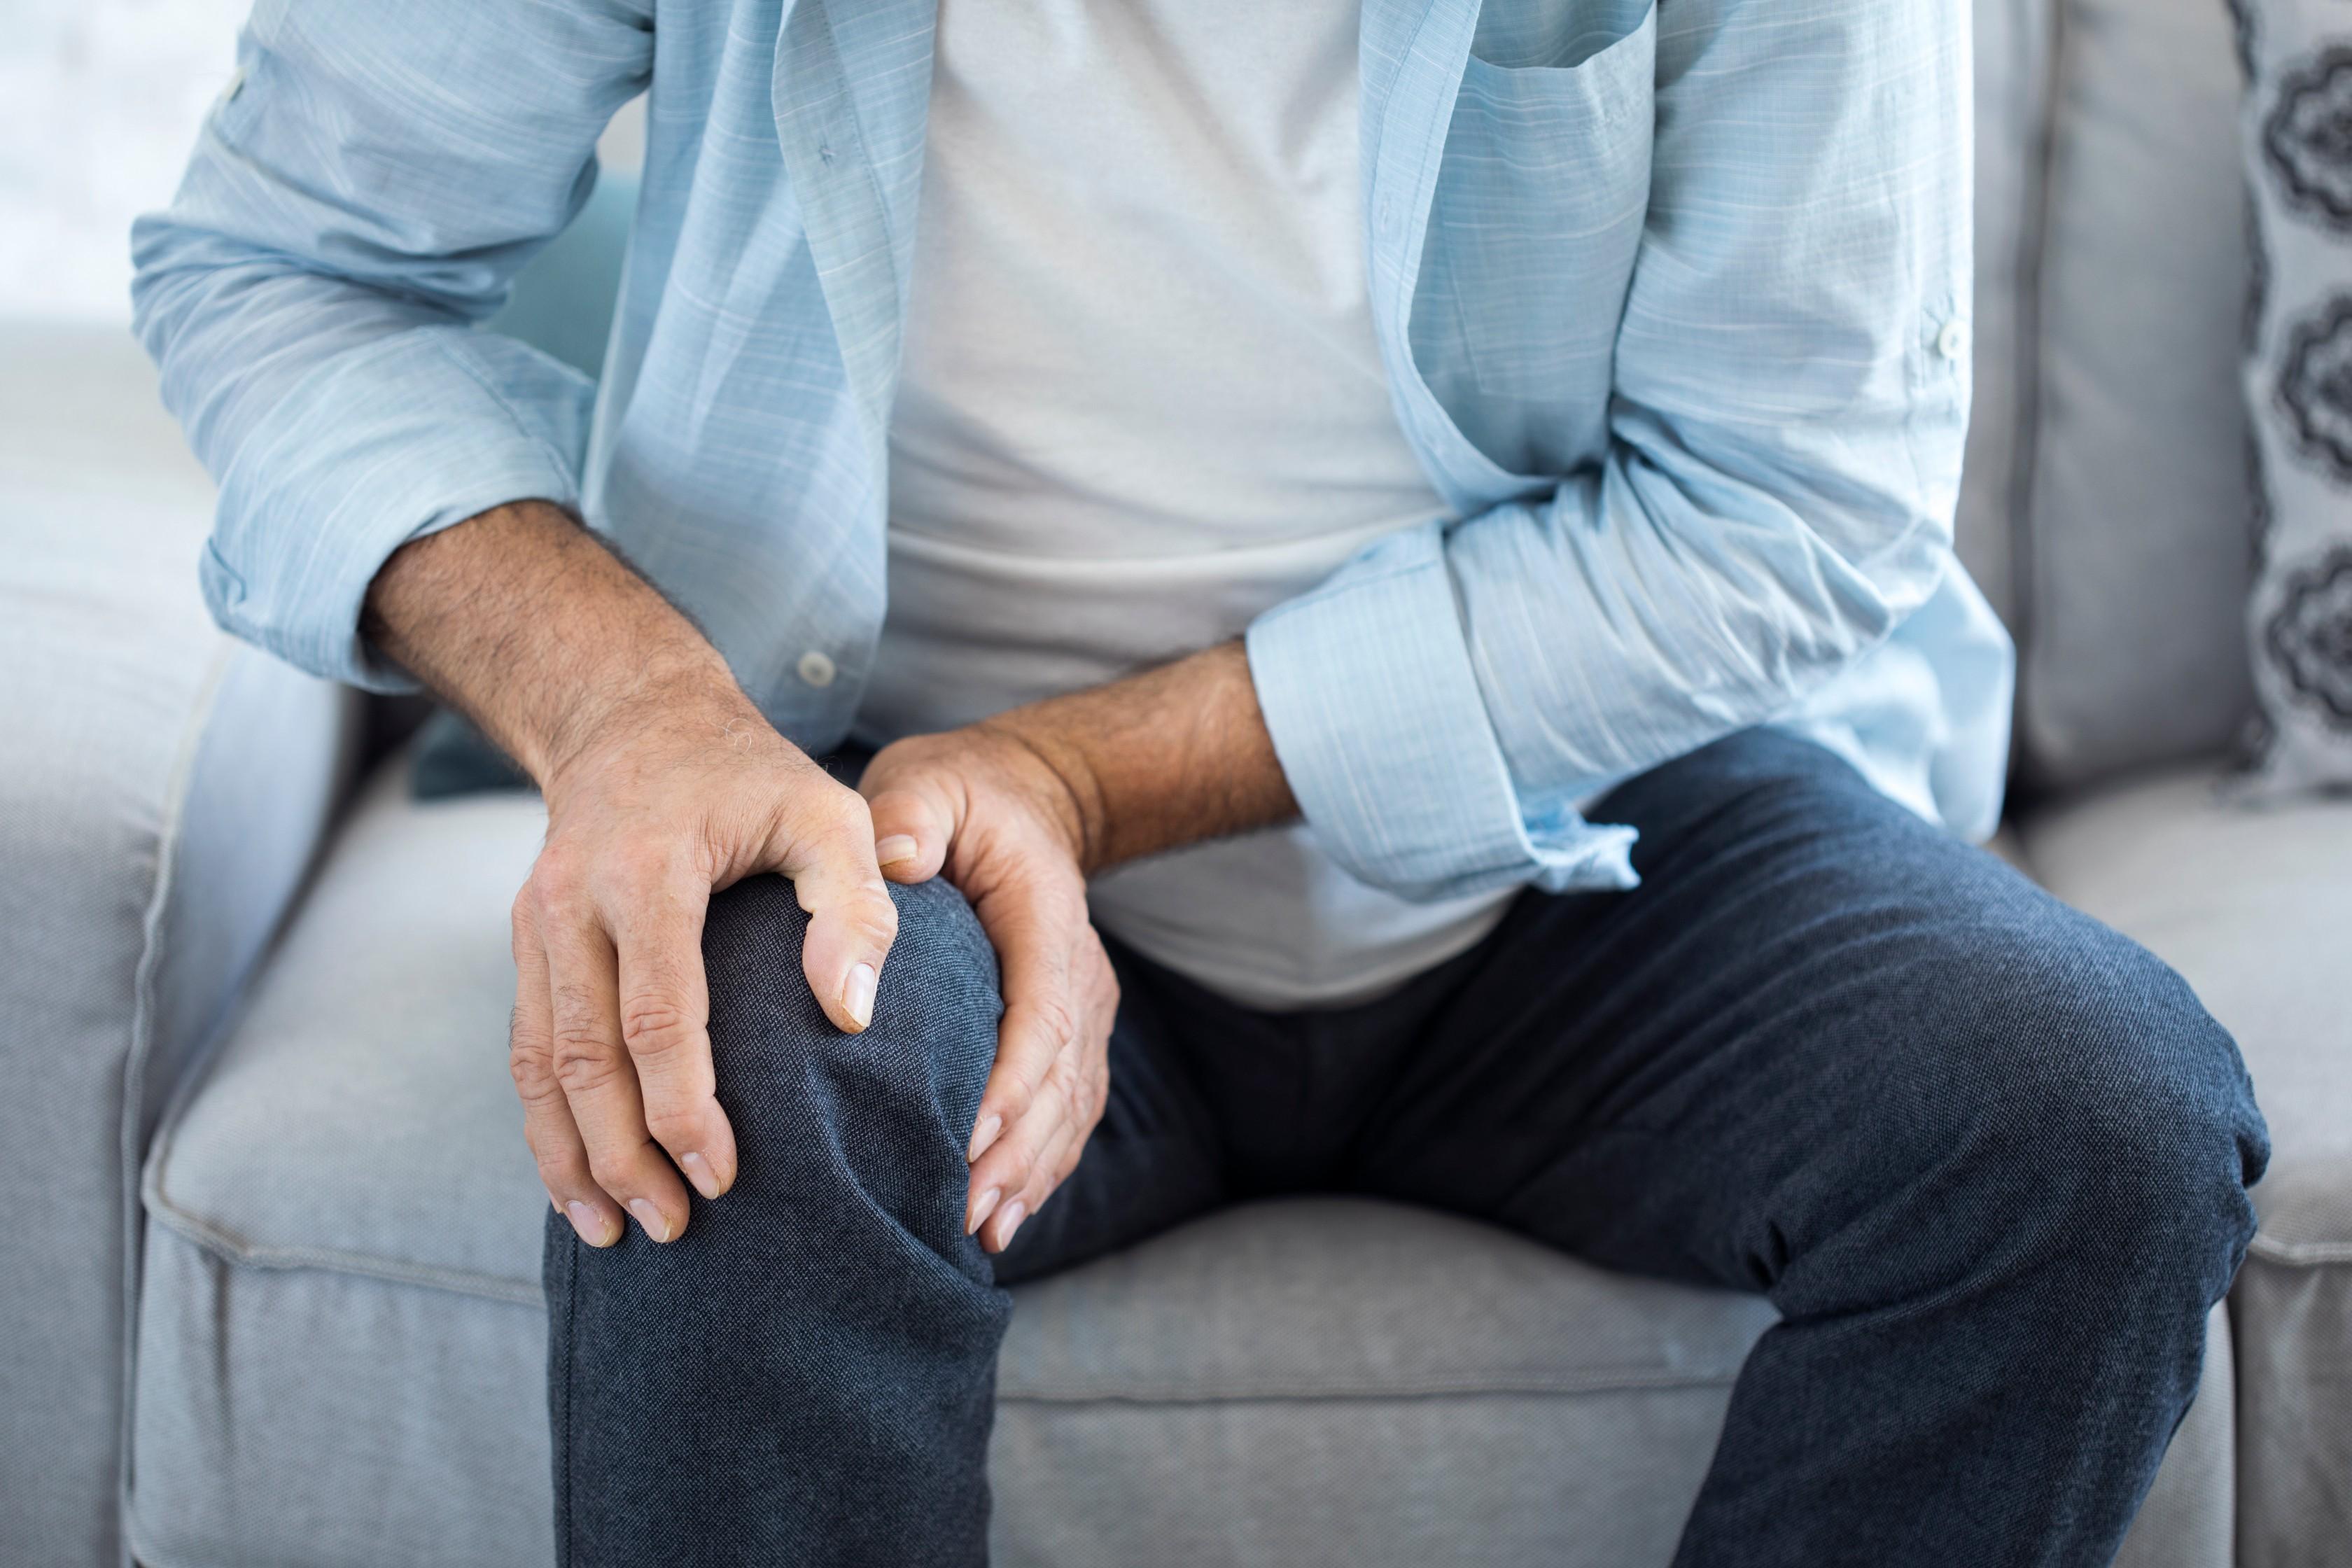 hogyan lehet gyógyítani az ízületek osteochondrozist